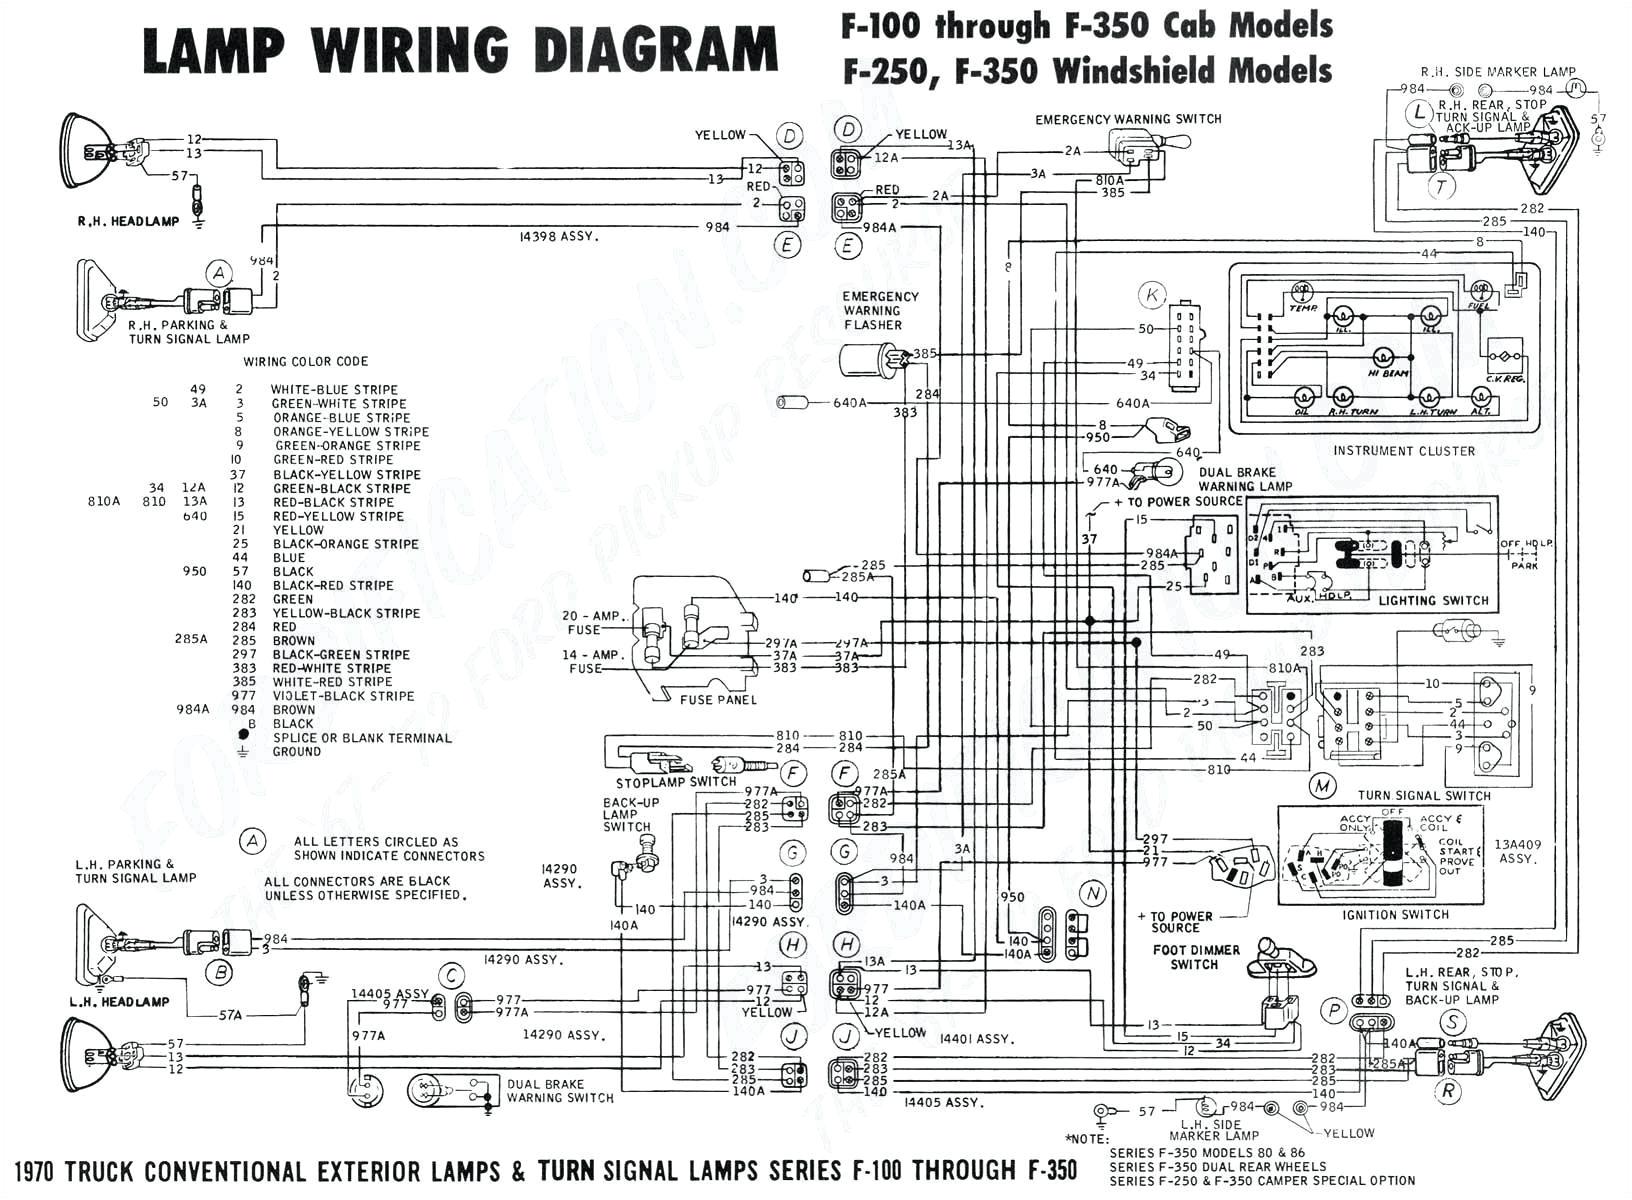 motor controller diagram motor repalcement parts and diagram wiring diagram motor